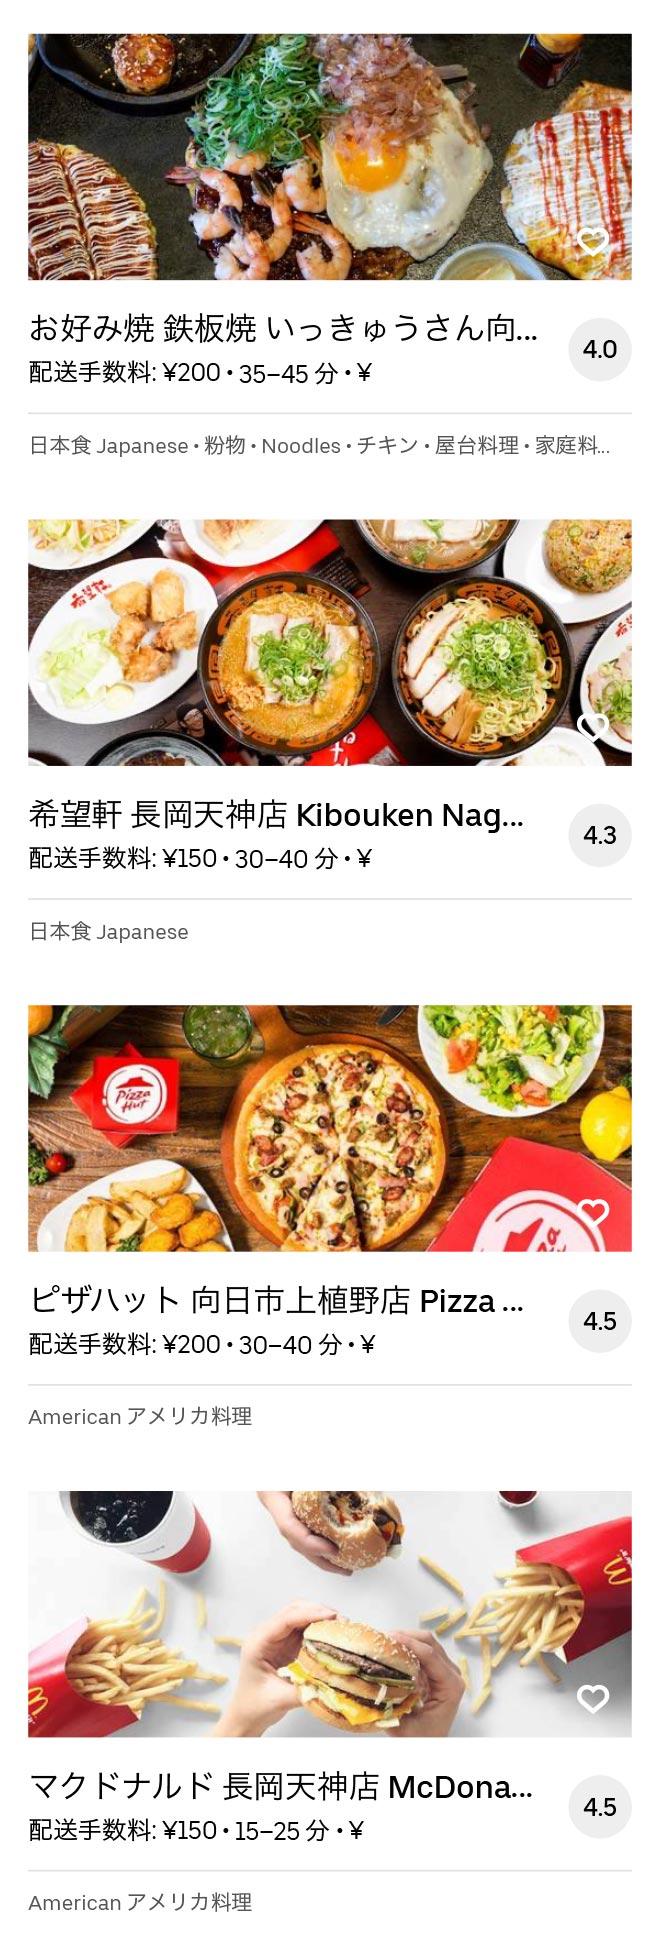 Nagaokakyo menu 2008 06